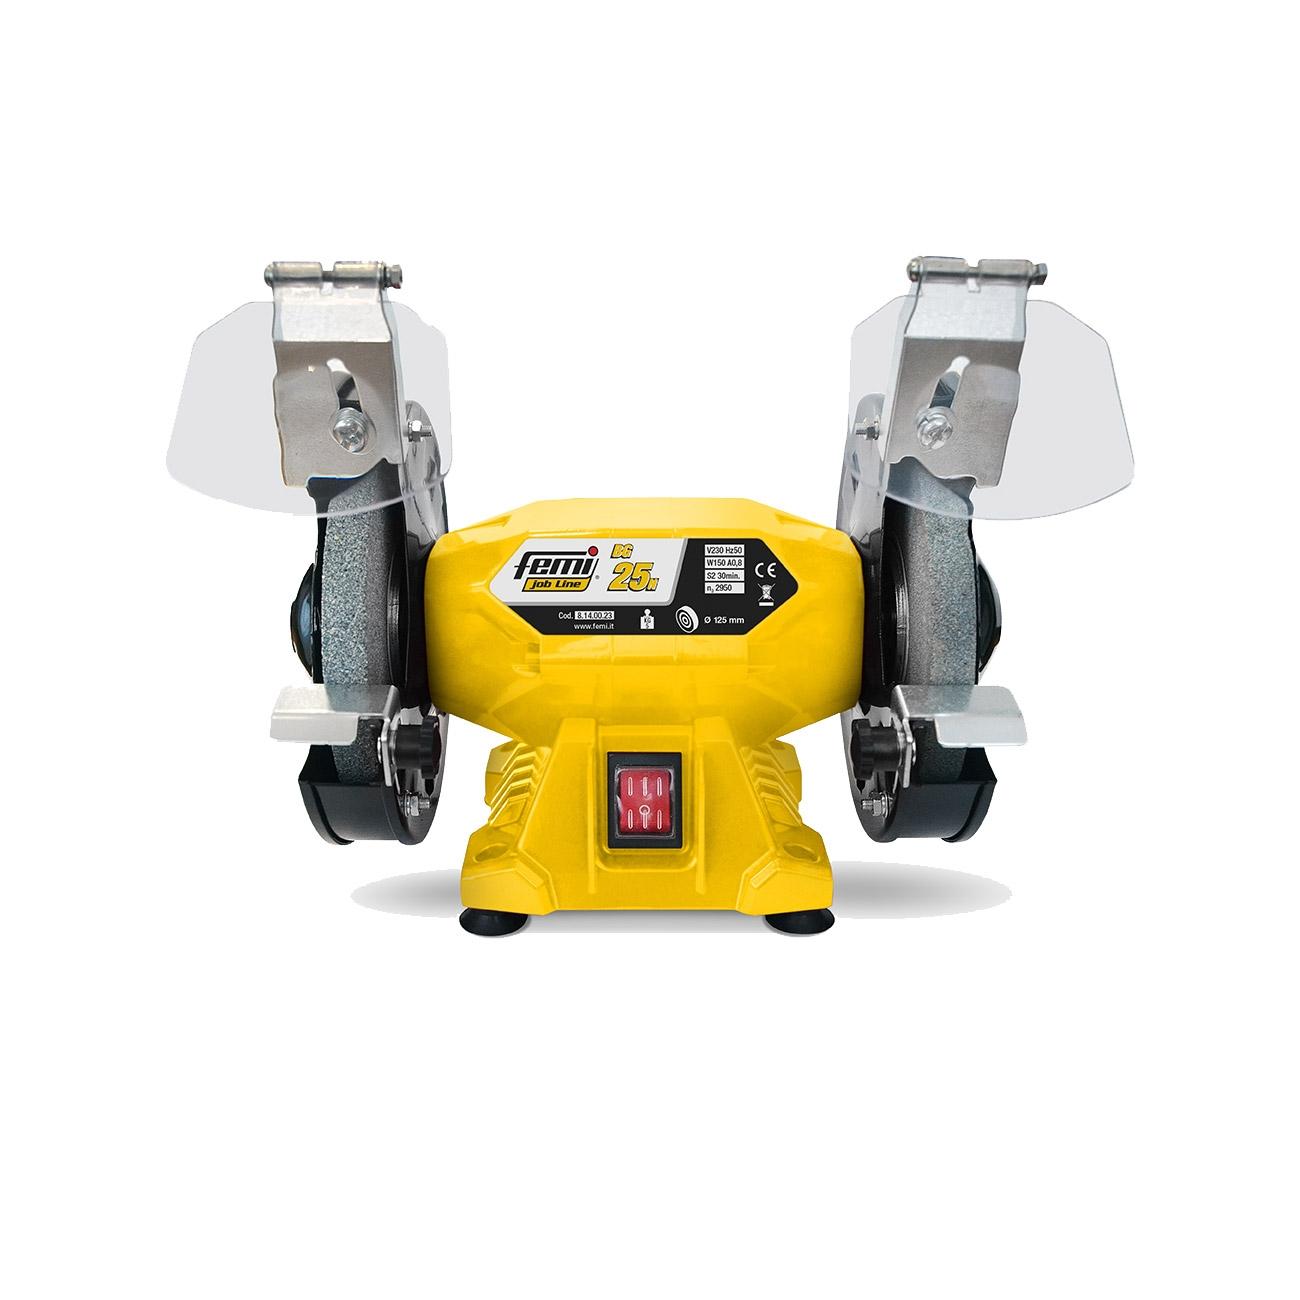 Femi BG 25 N bench grinding wheel, 125 mm grinding wheel